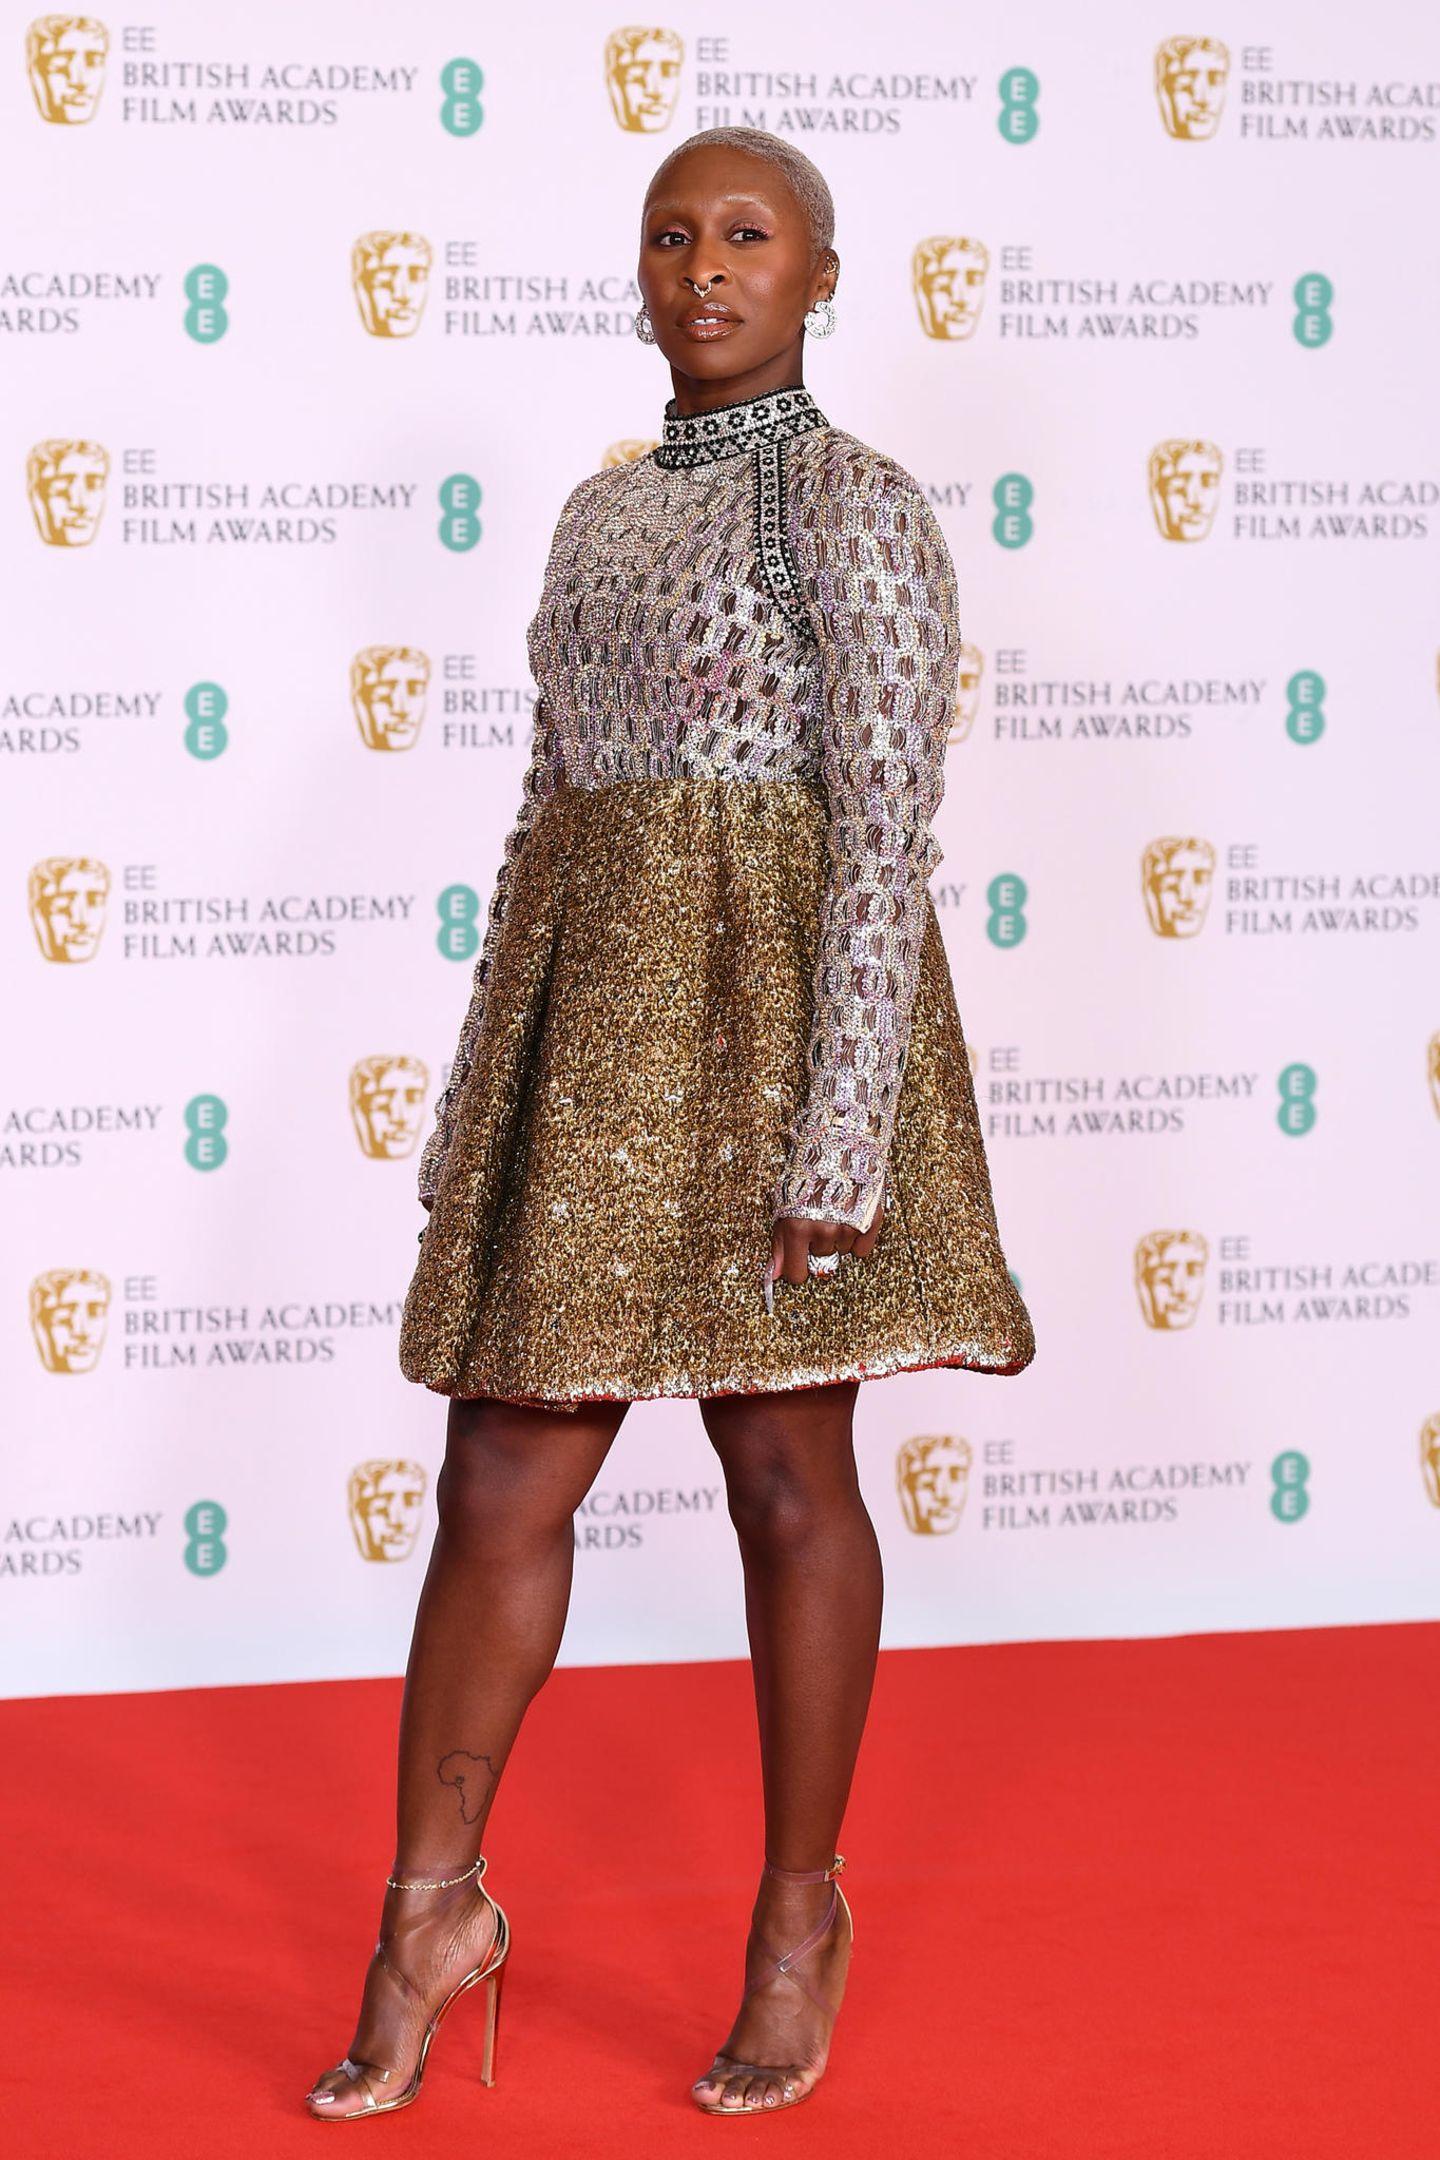 Cynthia Erivo glänzt verspielt in Gold und Silber; ihr BAFTA-Look stammt von dem LuxuslabelLouis Vuitton.